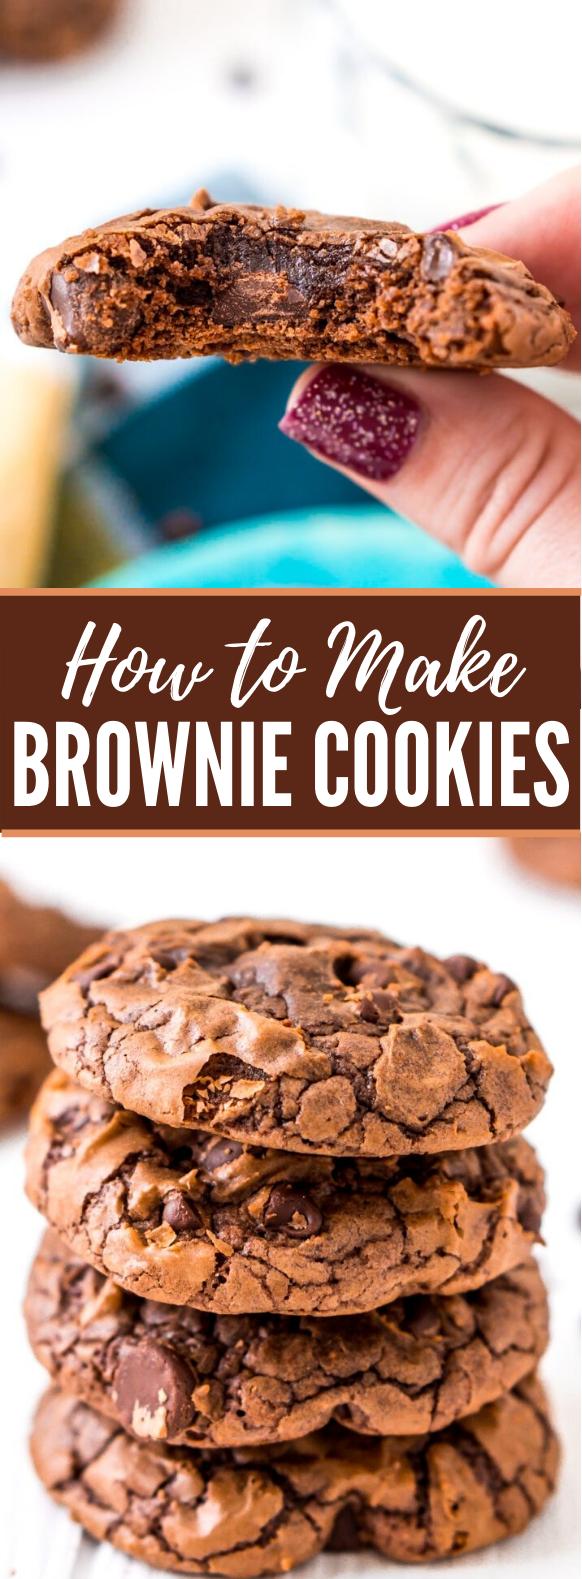 Brownie Cookies #desserts #chocolate